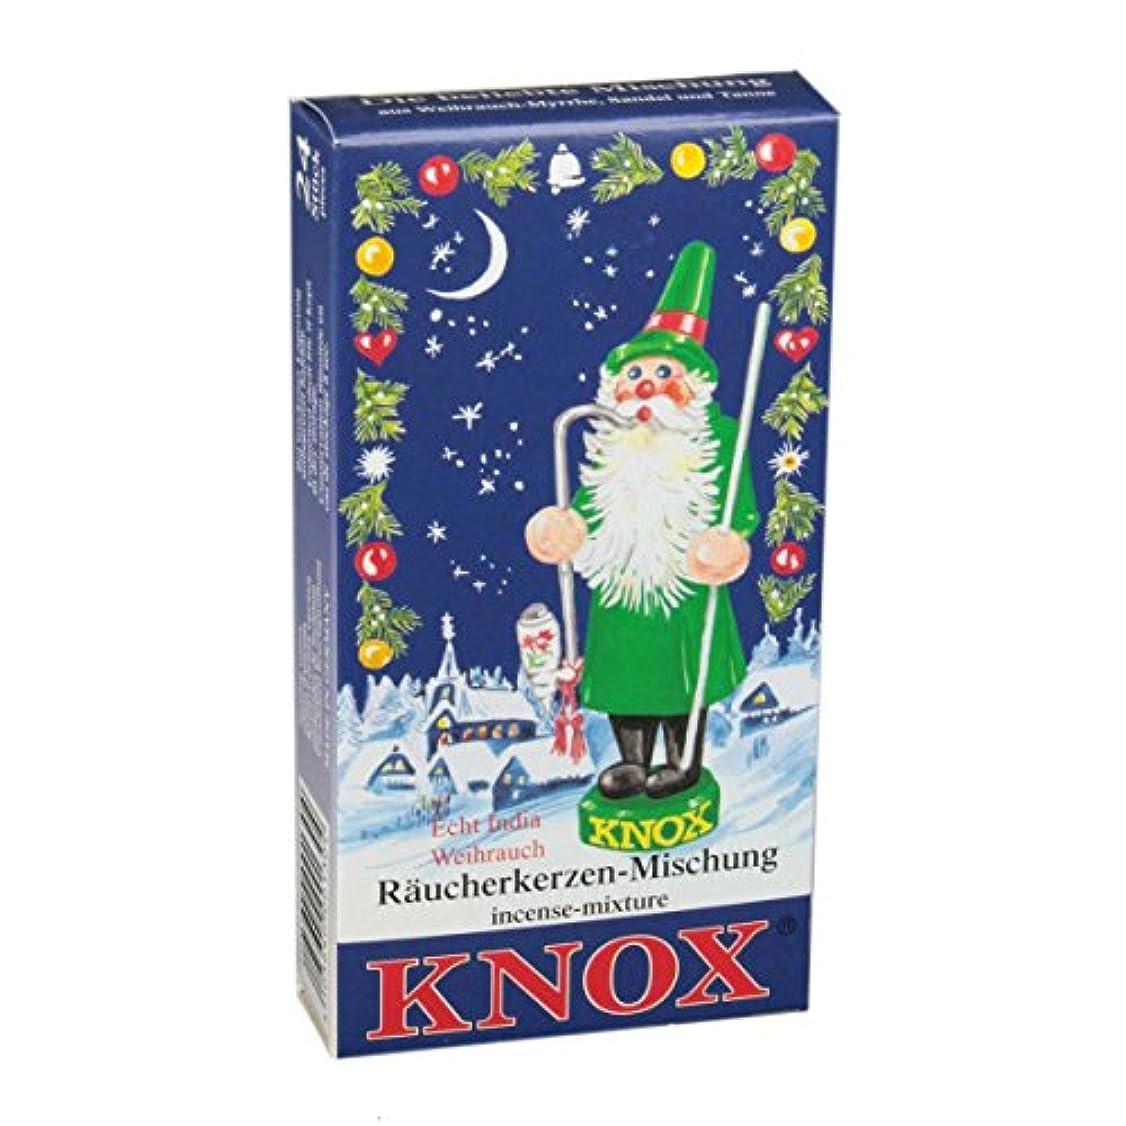 暴露ガスタイルKnoxのさまざまな休日香りつきIncense Cones、24パック、ドイツ製